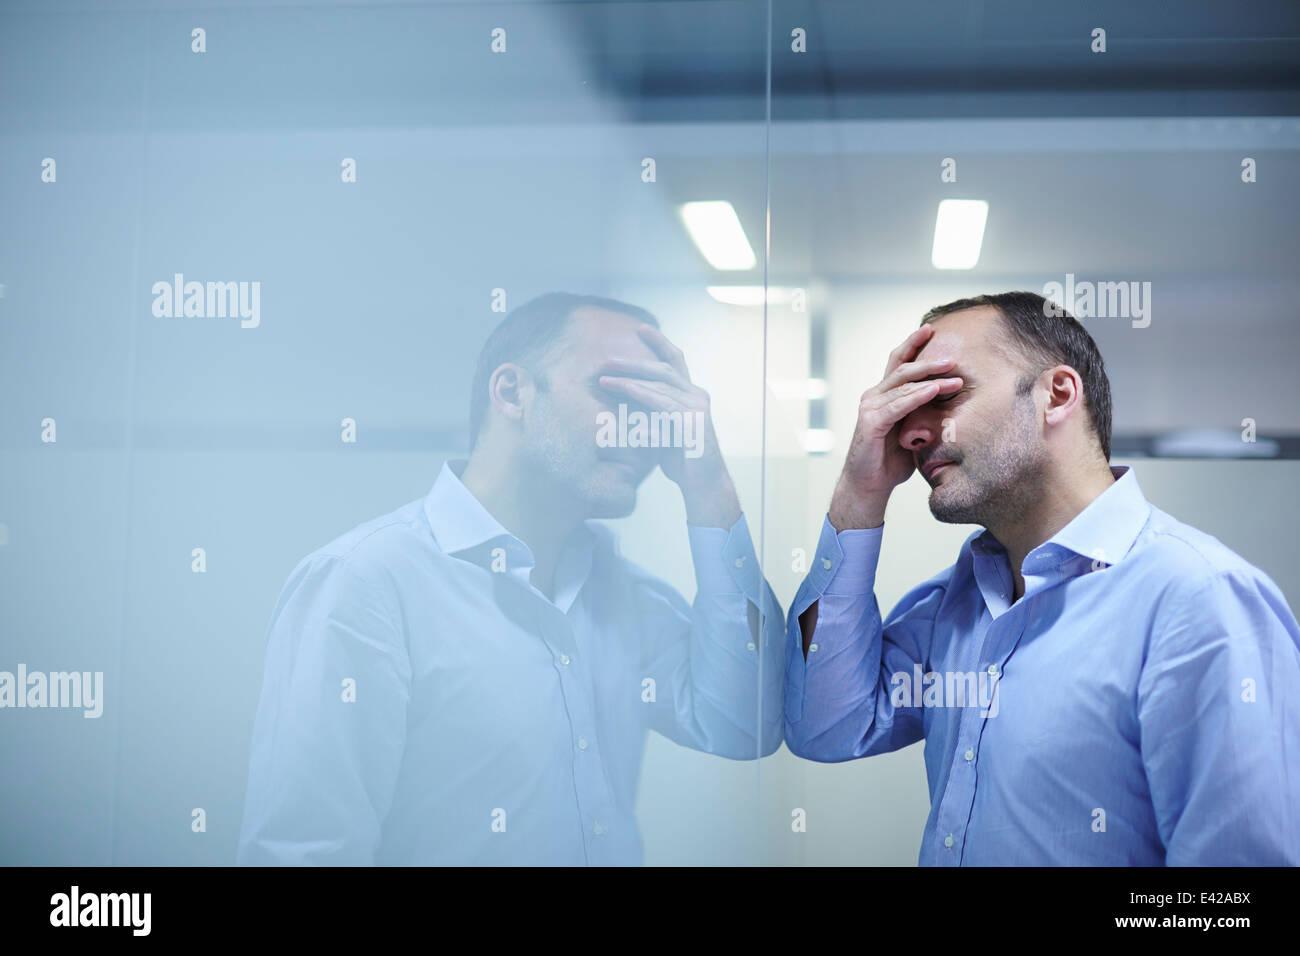 Mann verzweifelt vor reflektierenden Wand Stockfoto